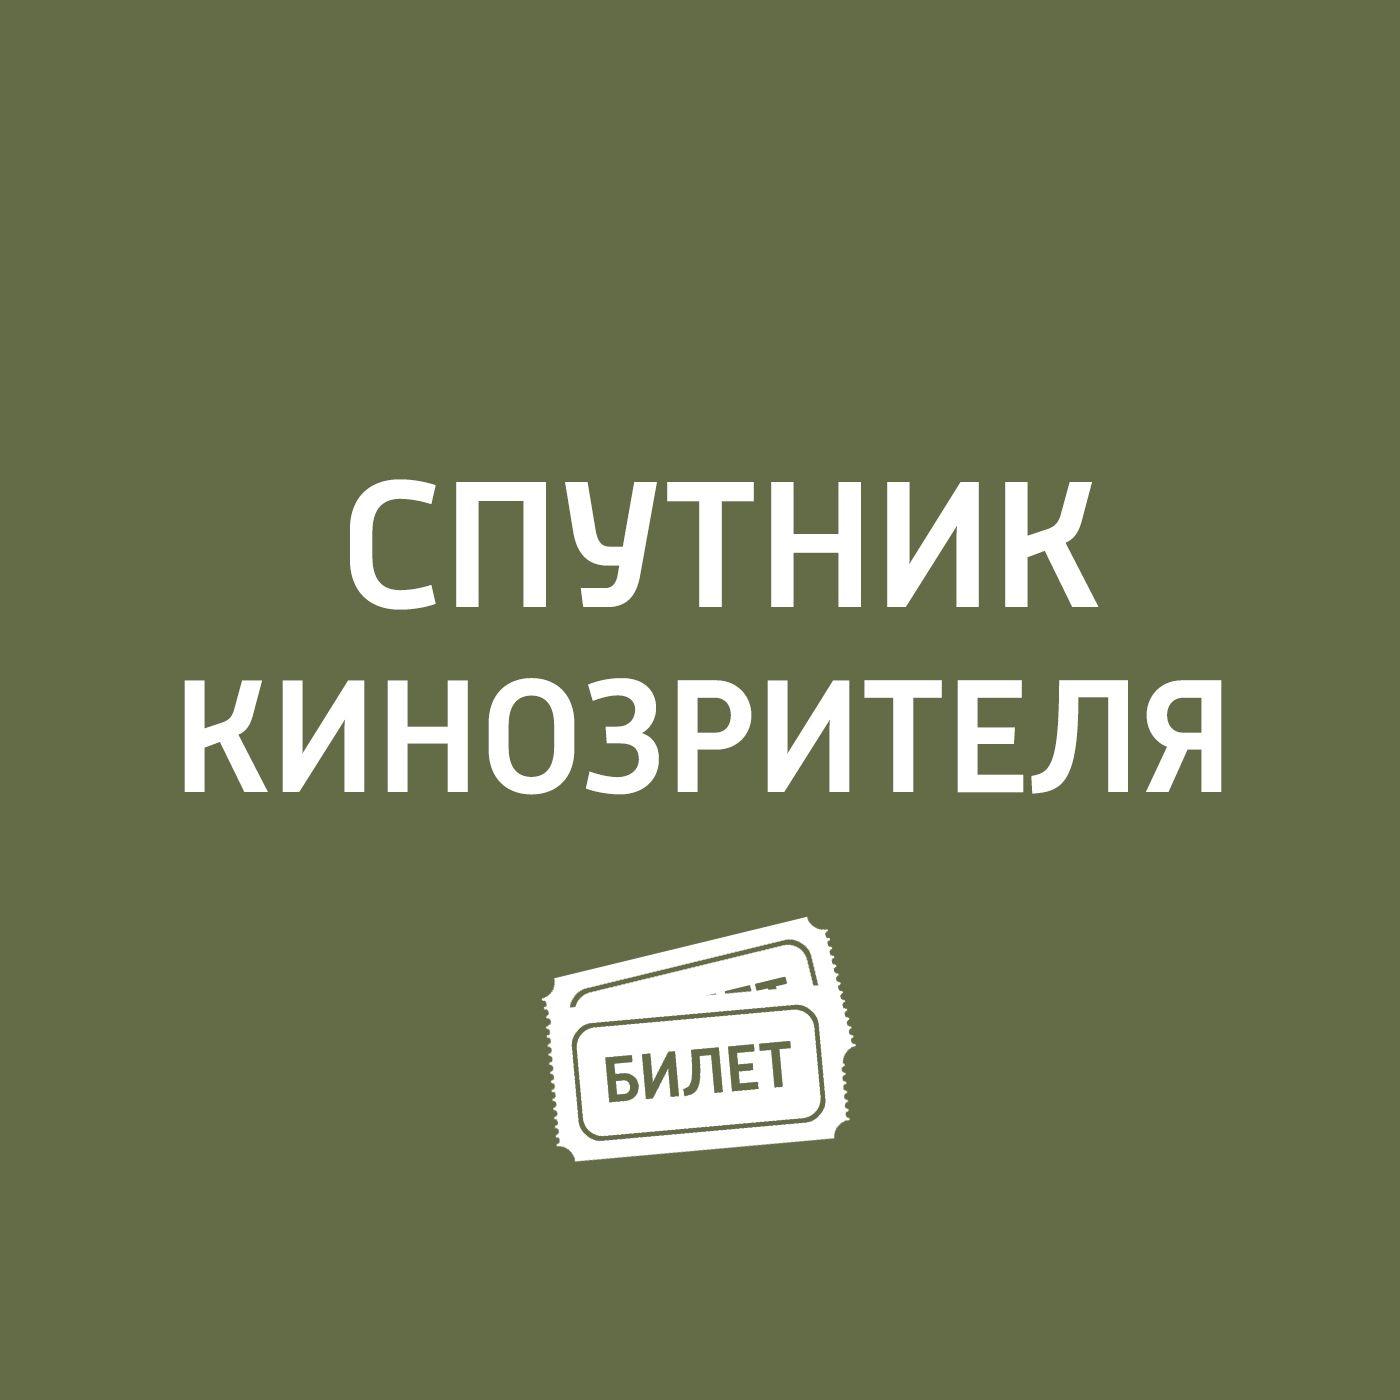 Антон Долин Как приручить дракона 3, Власть м прилежаева удивительный год три недели покоя